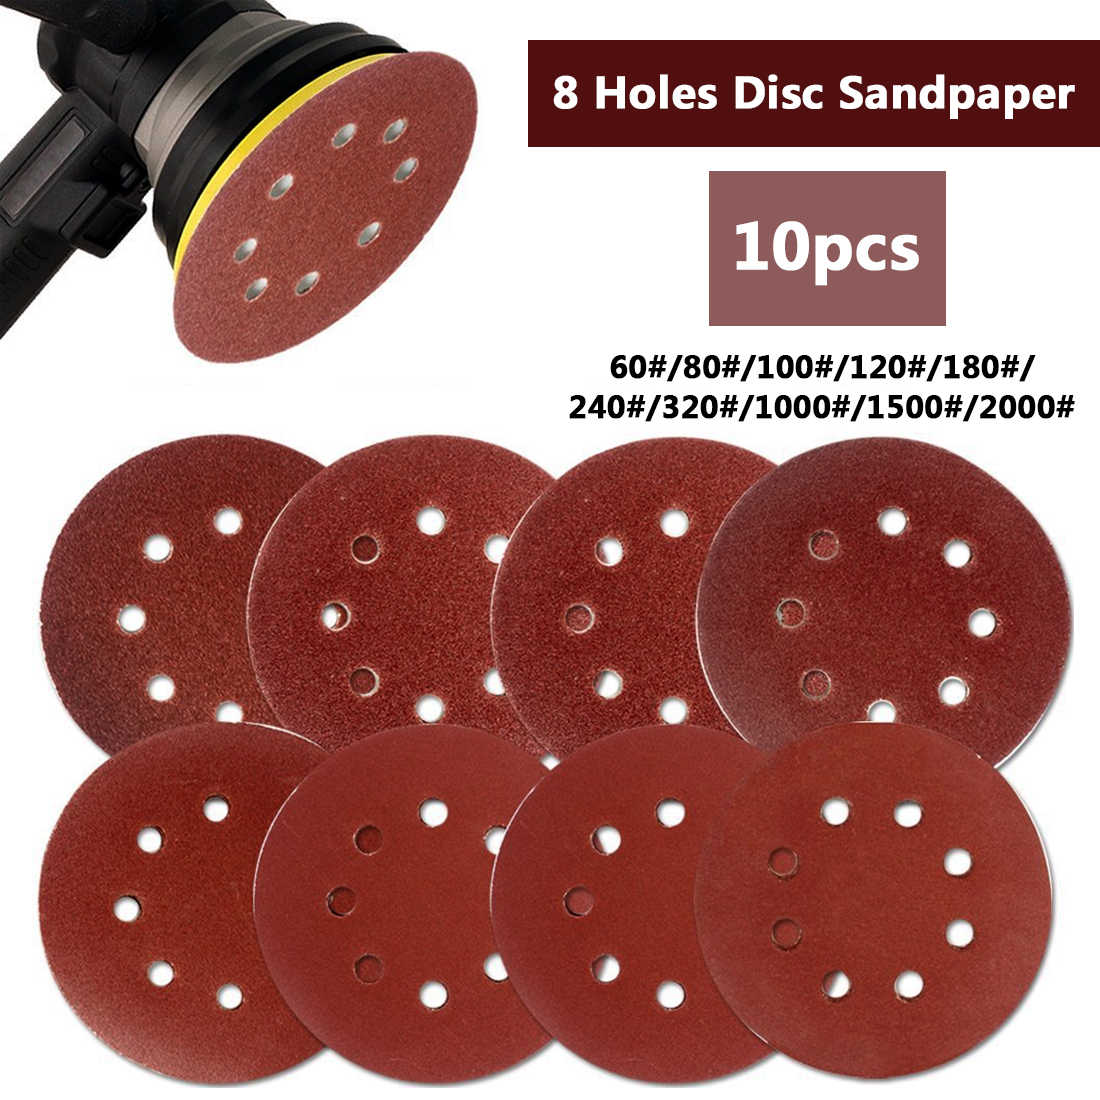 """10pcs 125mm 5 """"וו לולאה מלטש נייר עם 8 חור חול רפידות סט 60Grit-2000Grit סנדר דיסק המירוק עבור פולני מכונת"""